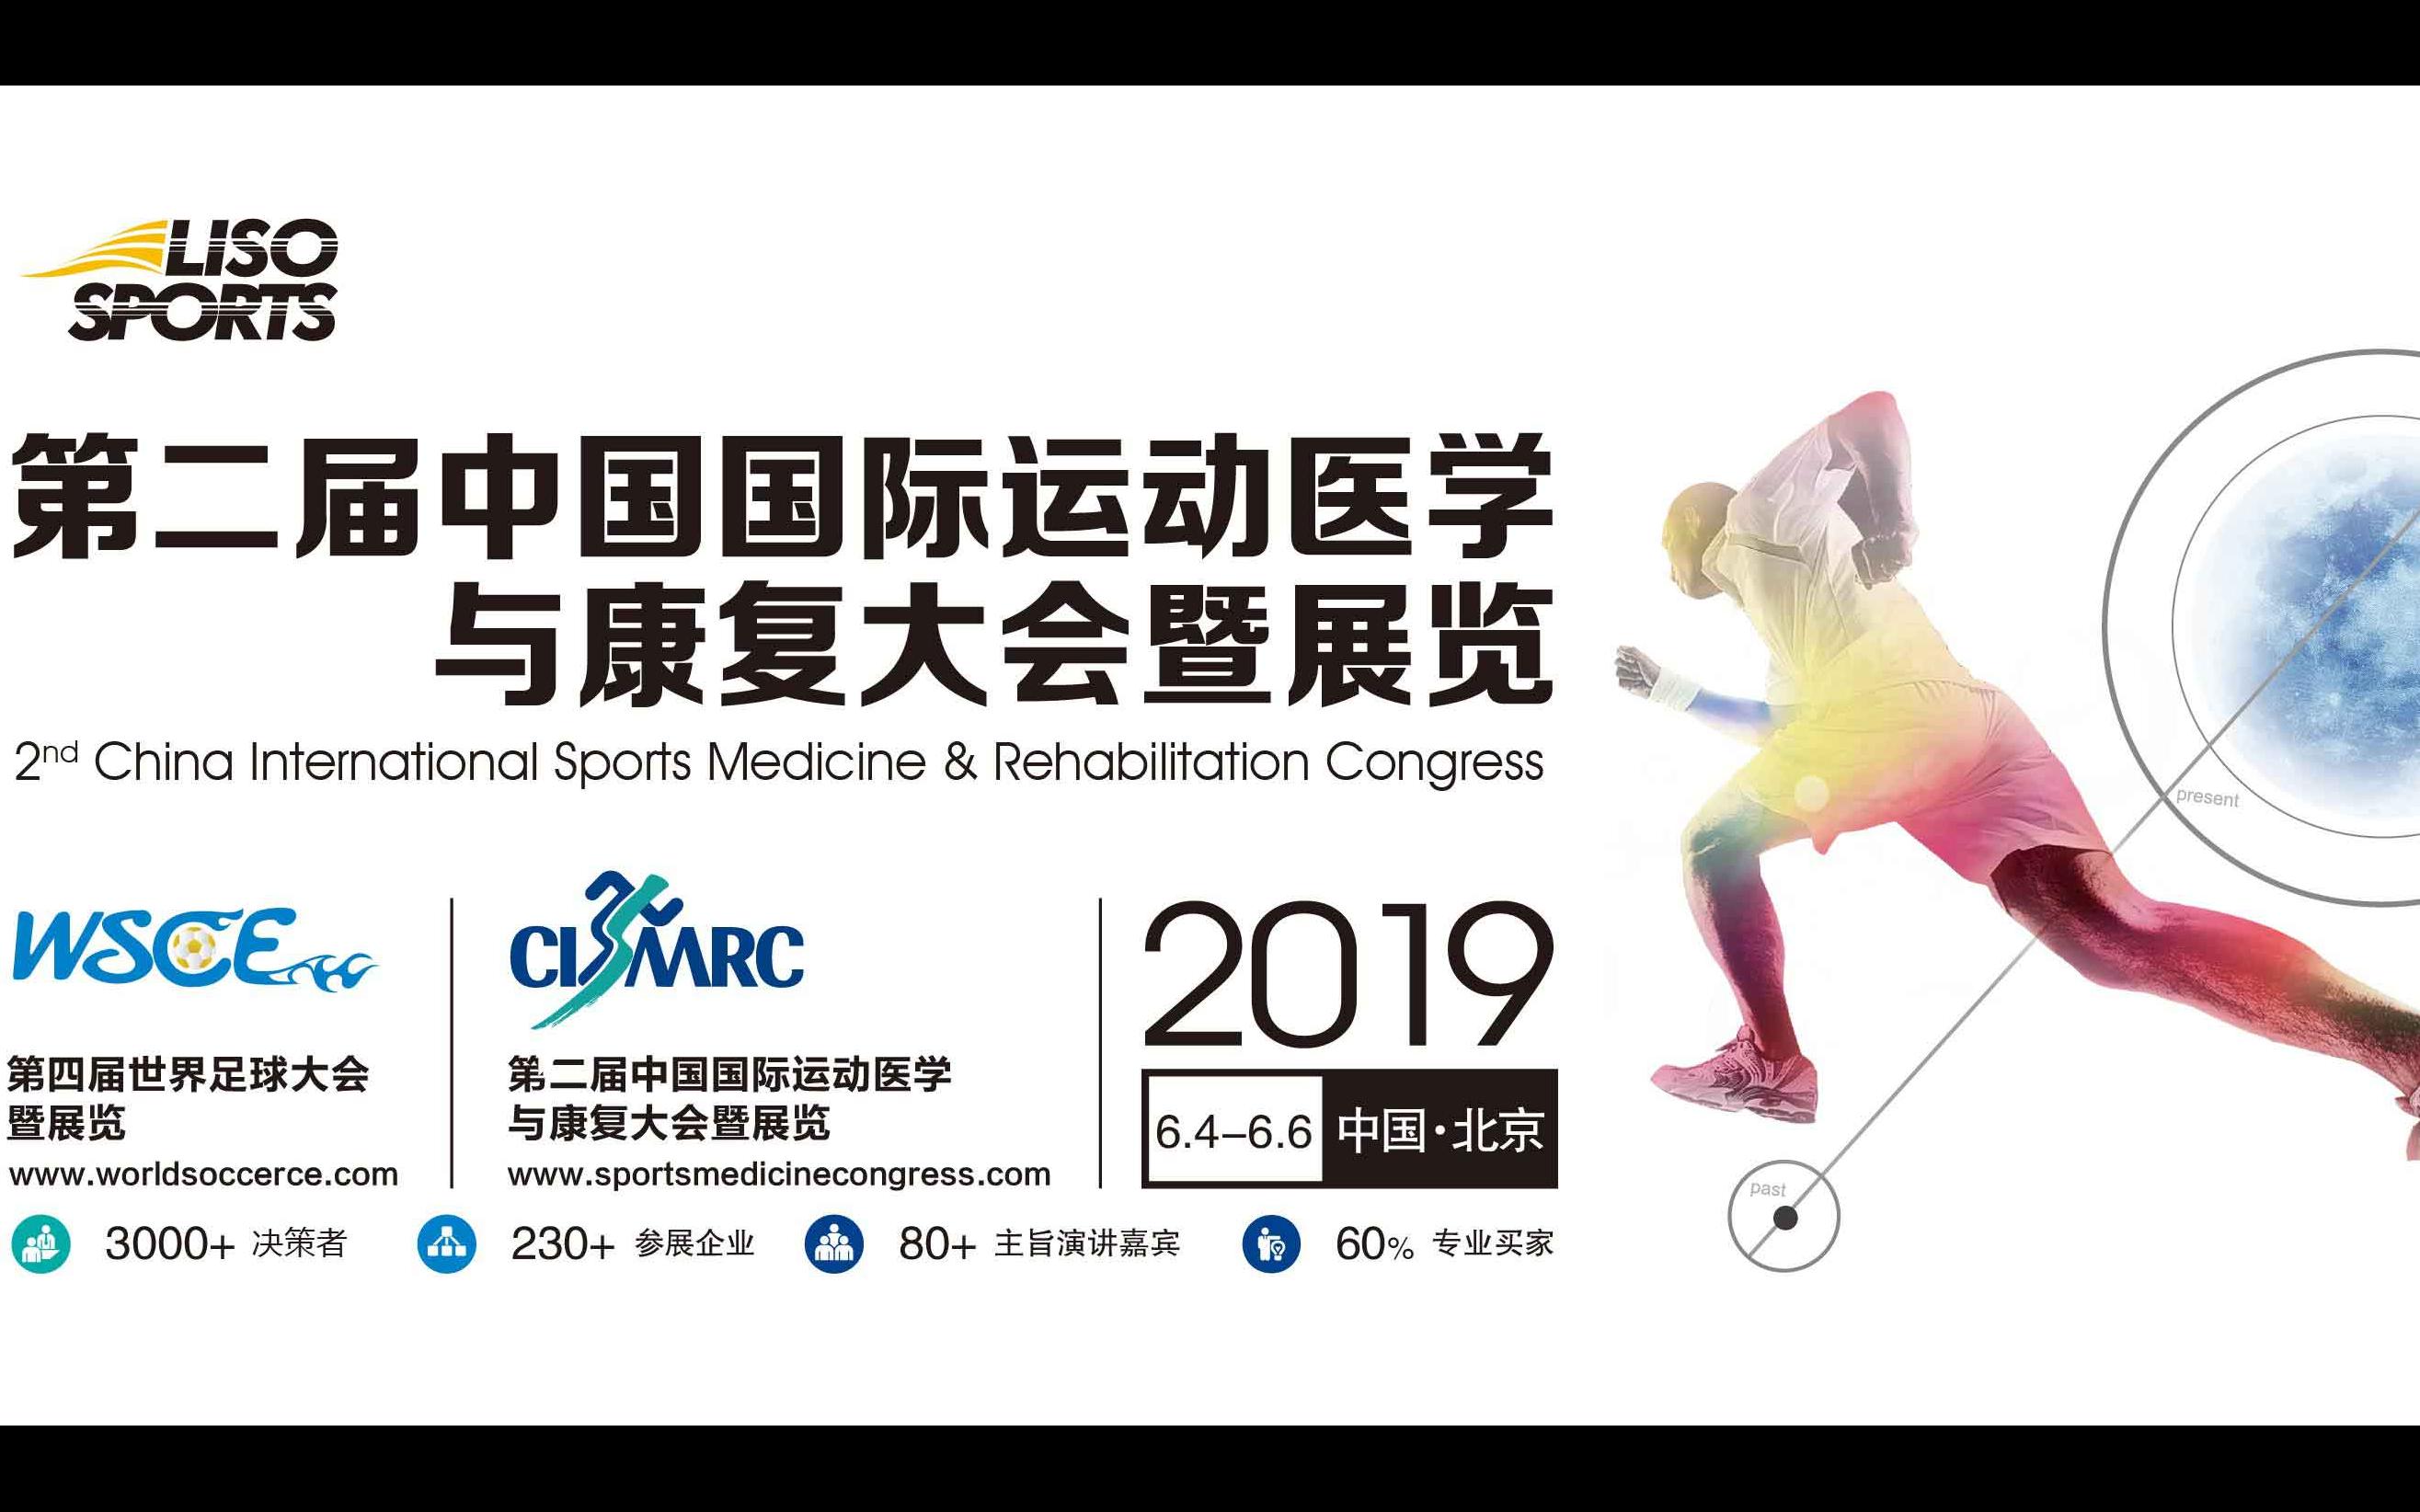 2019第二届中国国际运动医学与康复大会暨展览(北京)